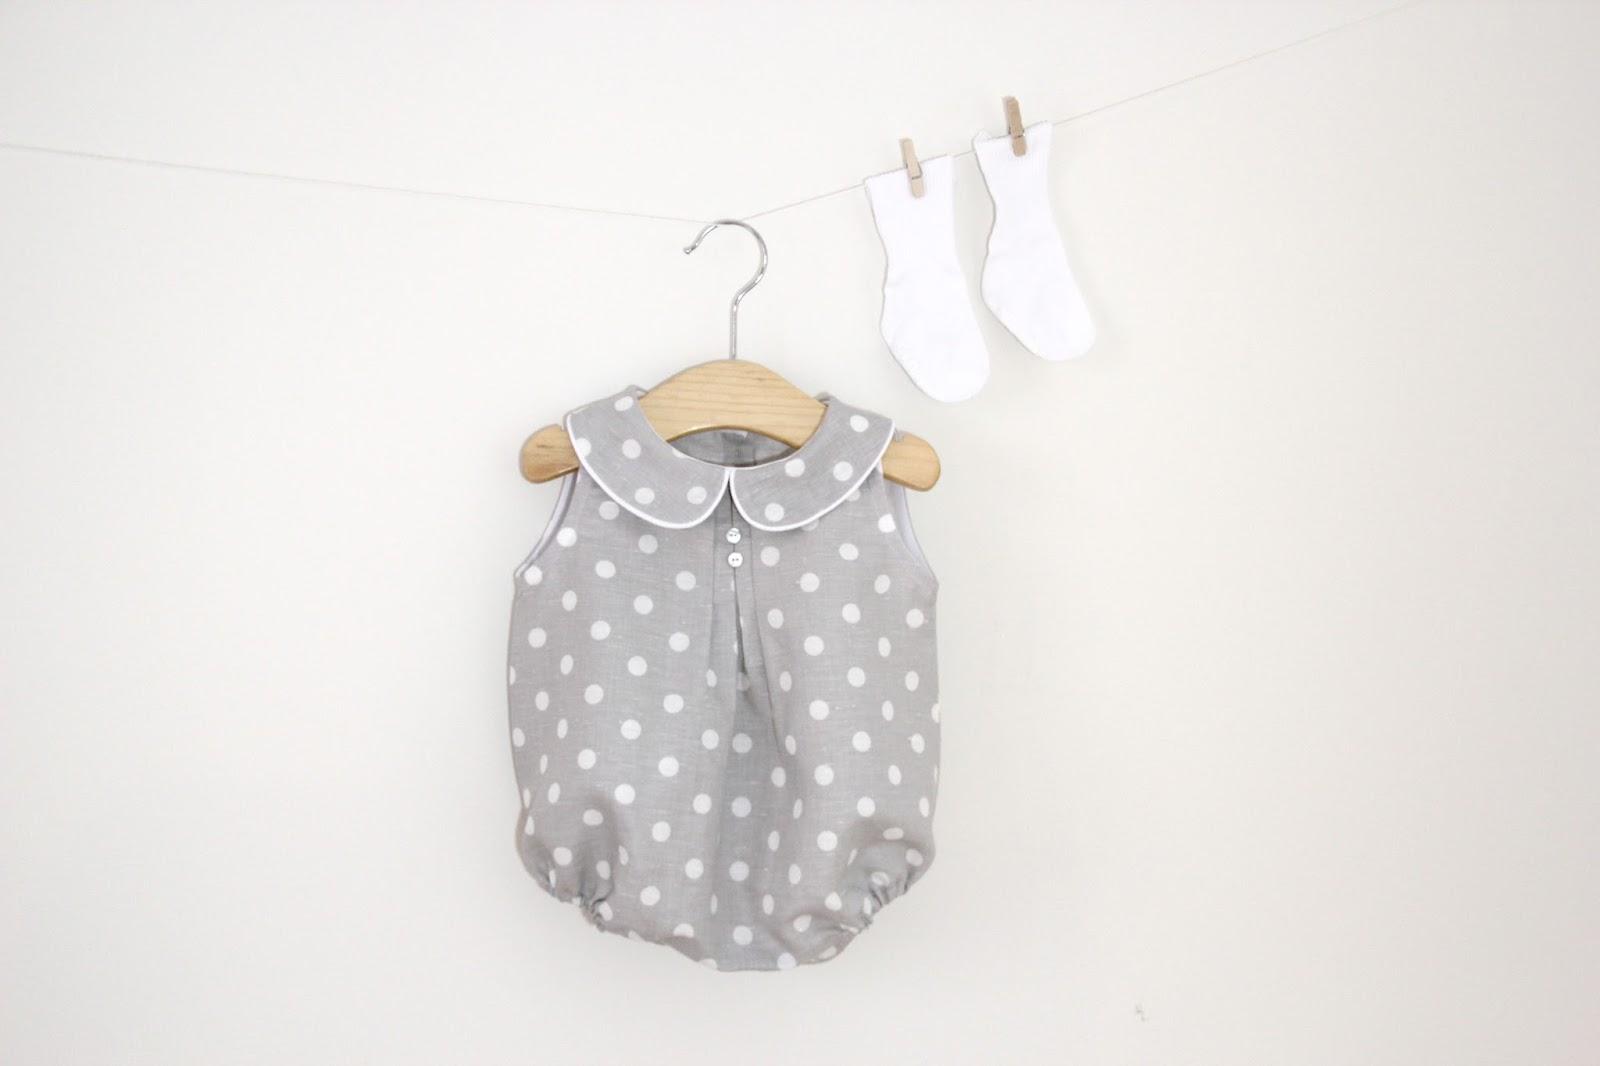 Atractivo Equipo Del Bebé Patrones De Crochet Libre Imagen - Ideas ...